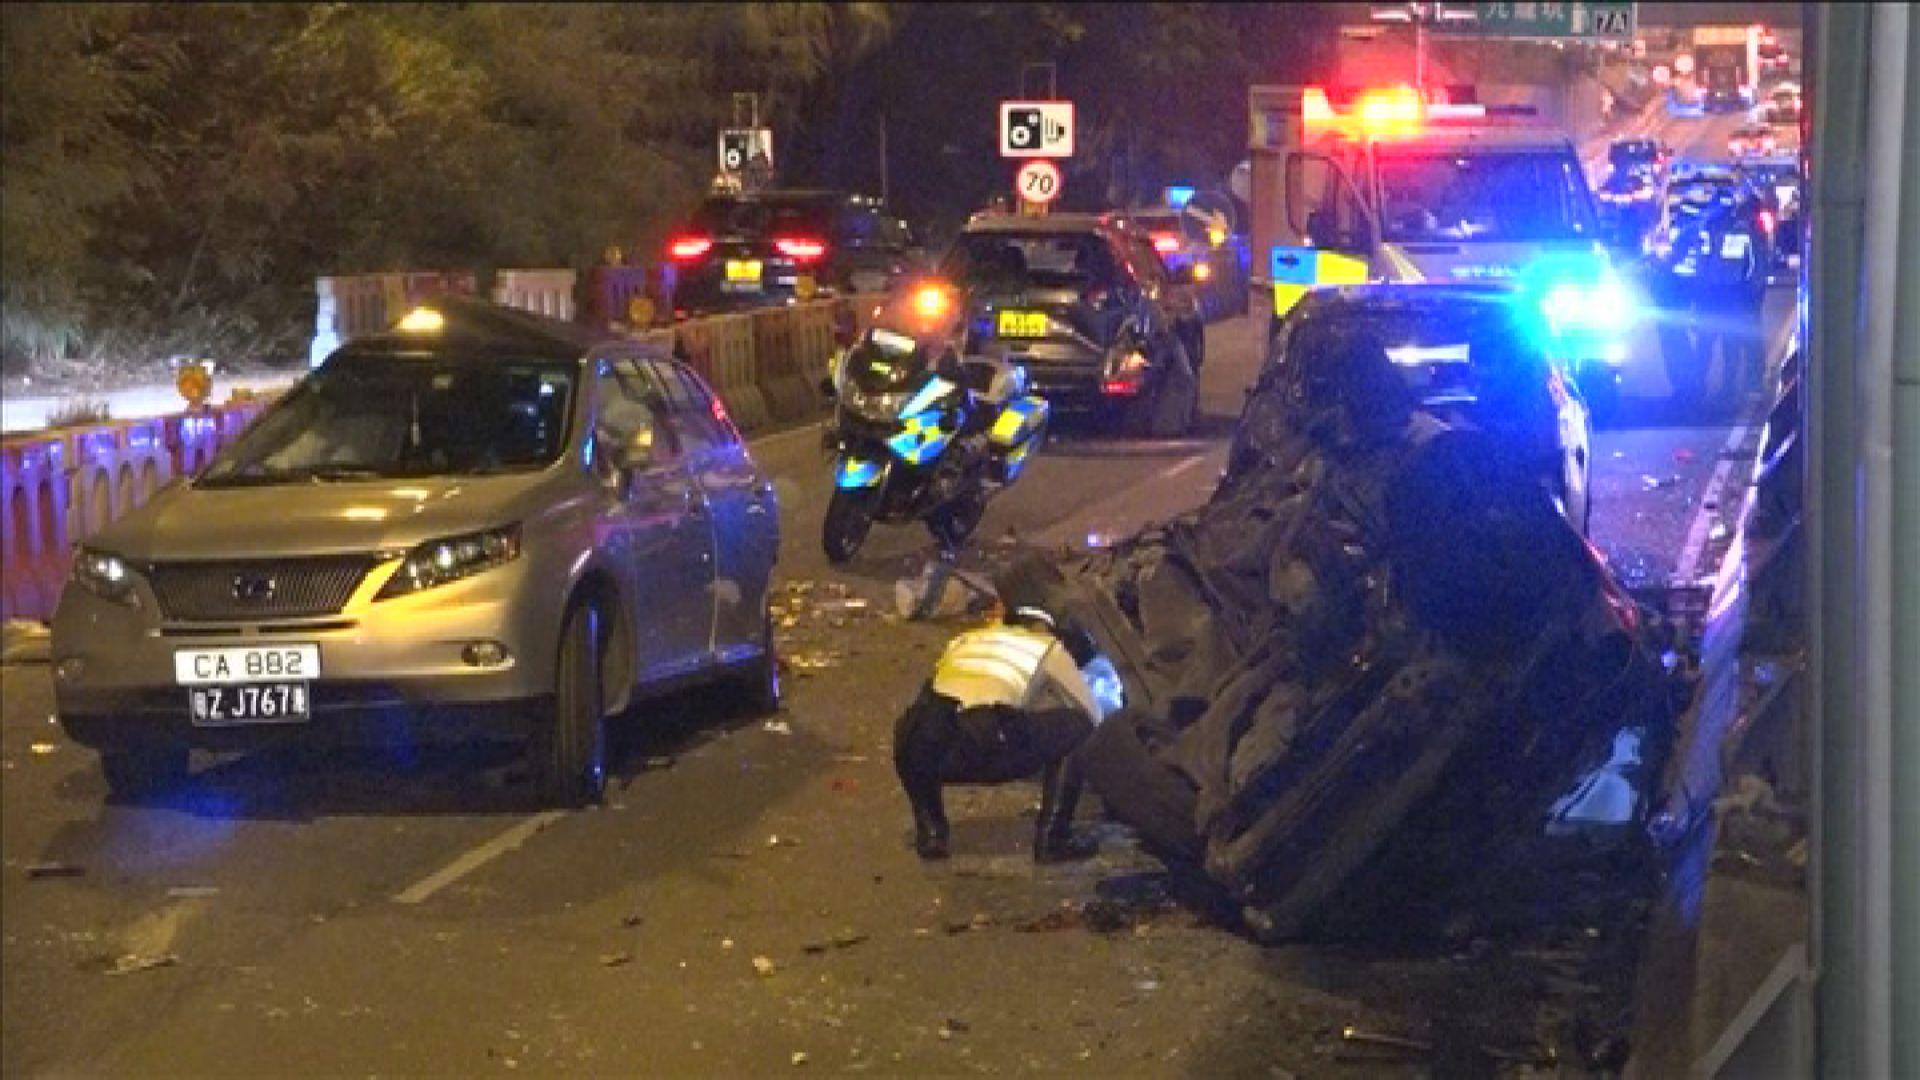 粉嶺公路「人肉路障」事件 兩死者被裁定死於意外